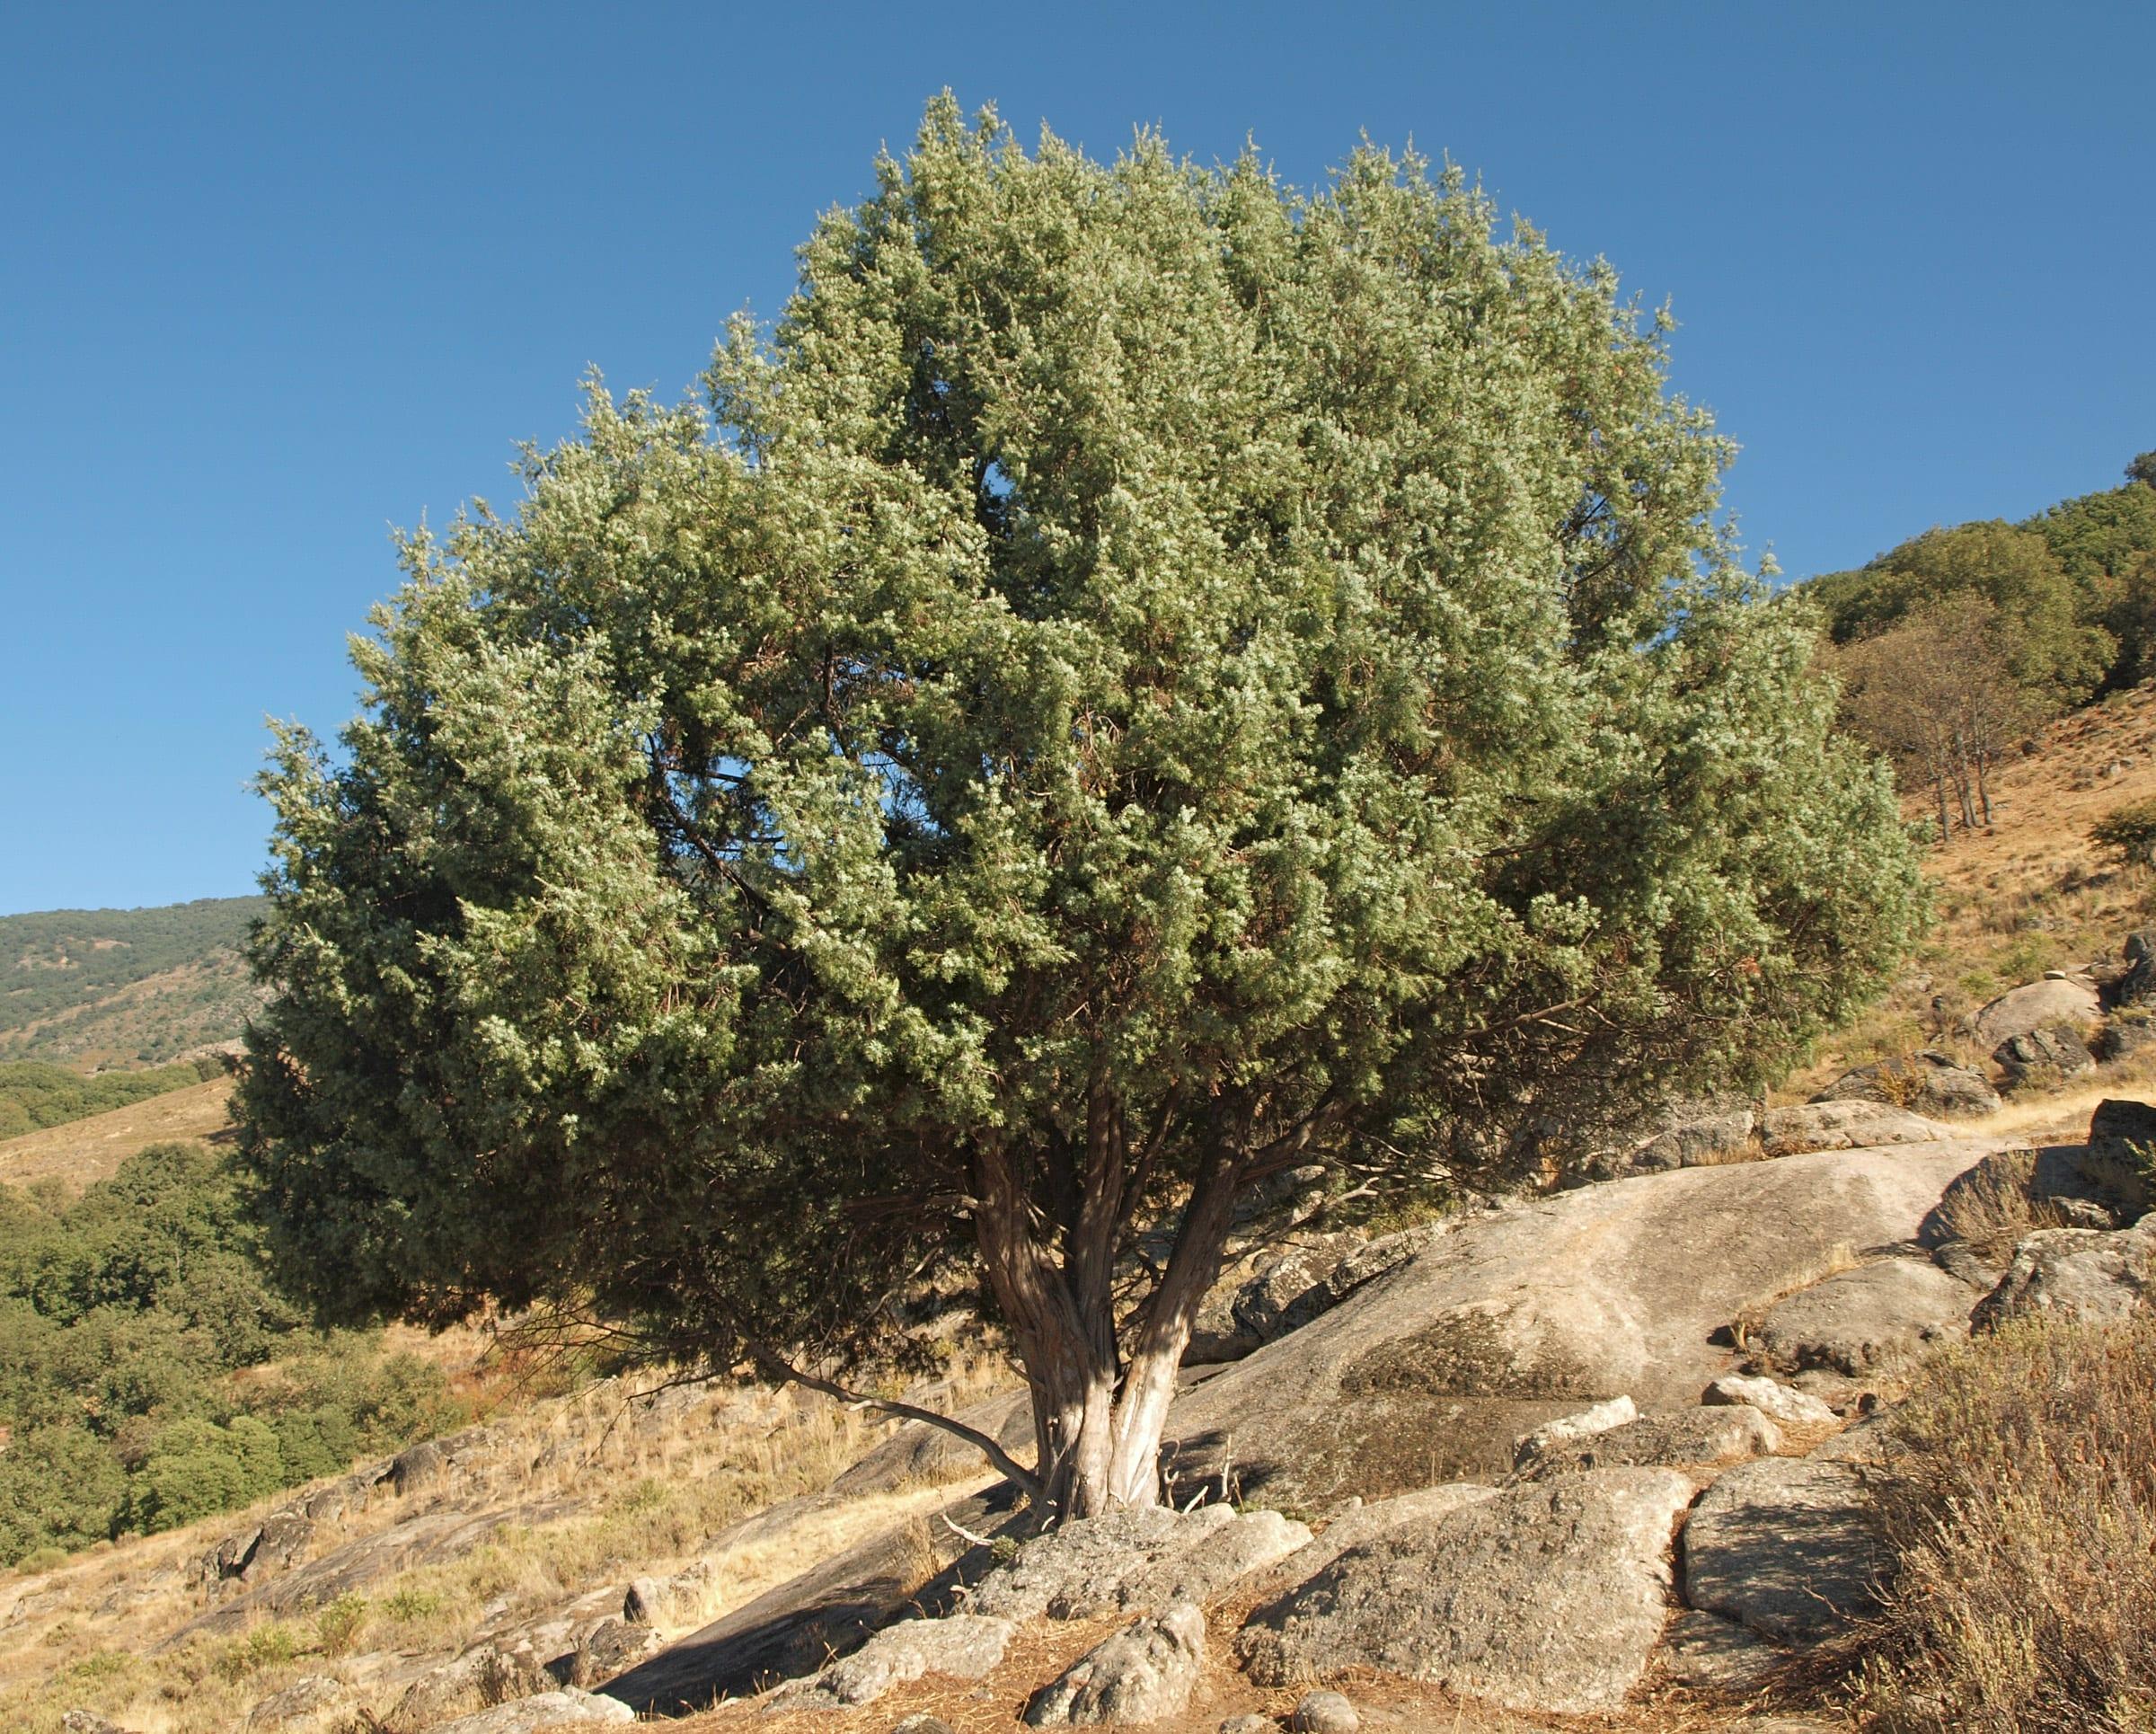 Ejemplar adulto de Juniperus oxycedrus